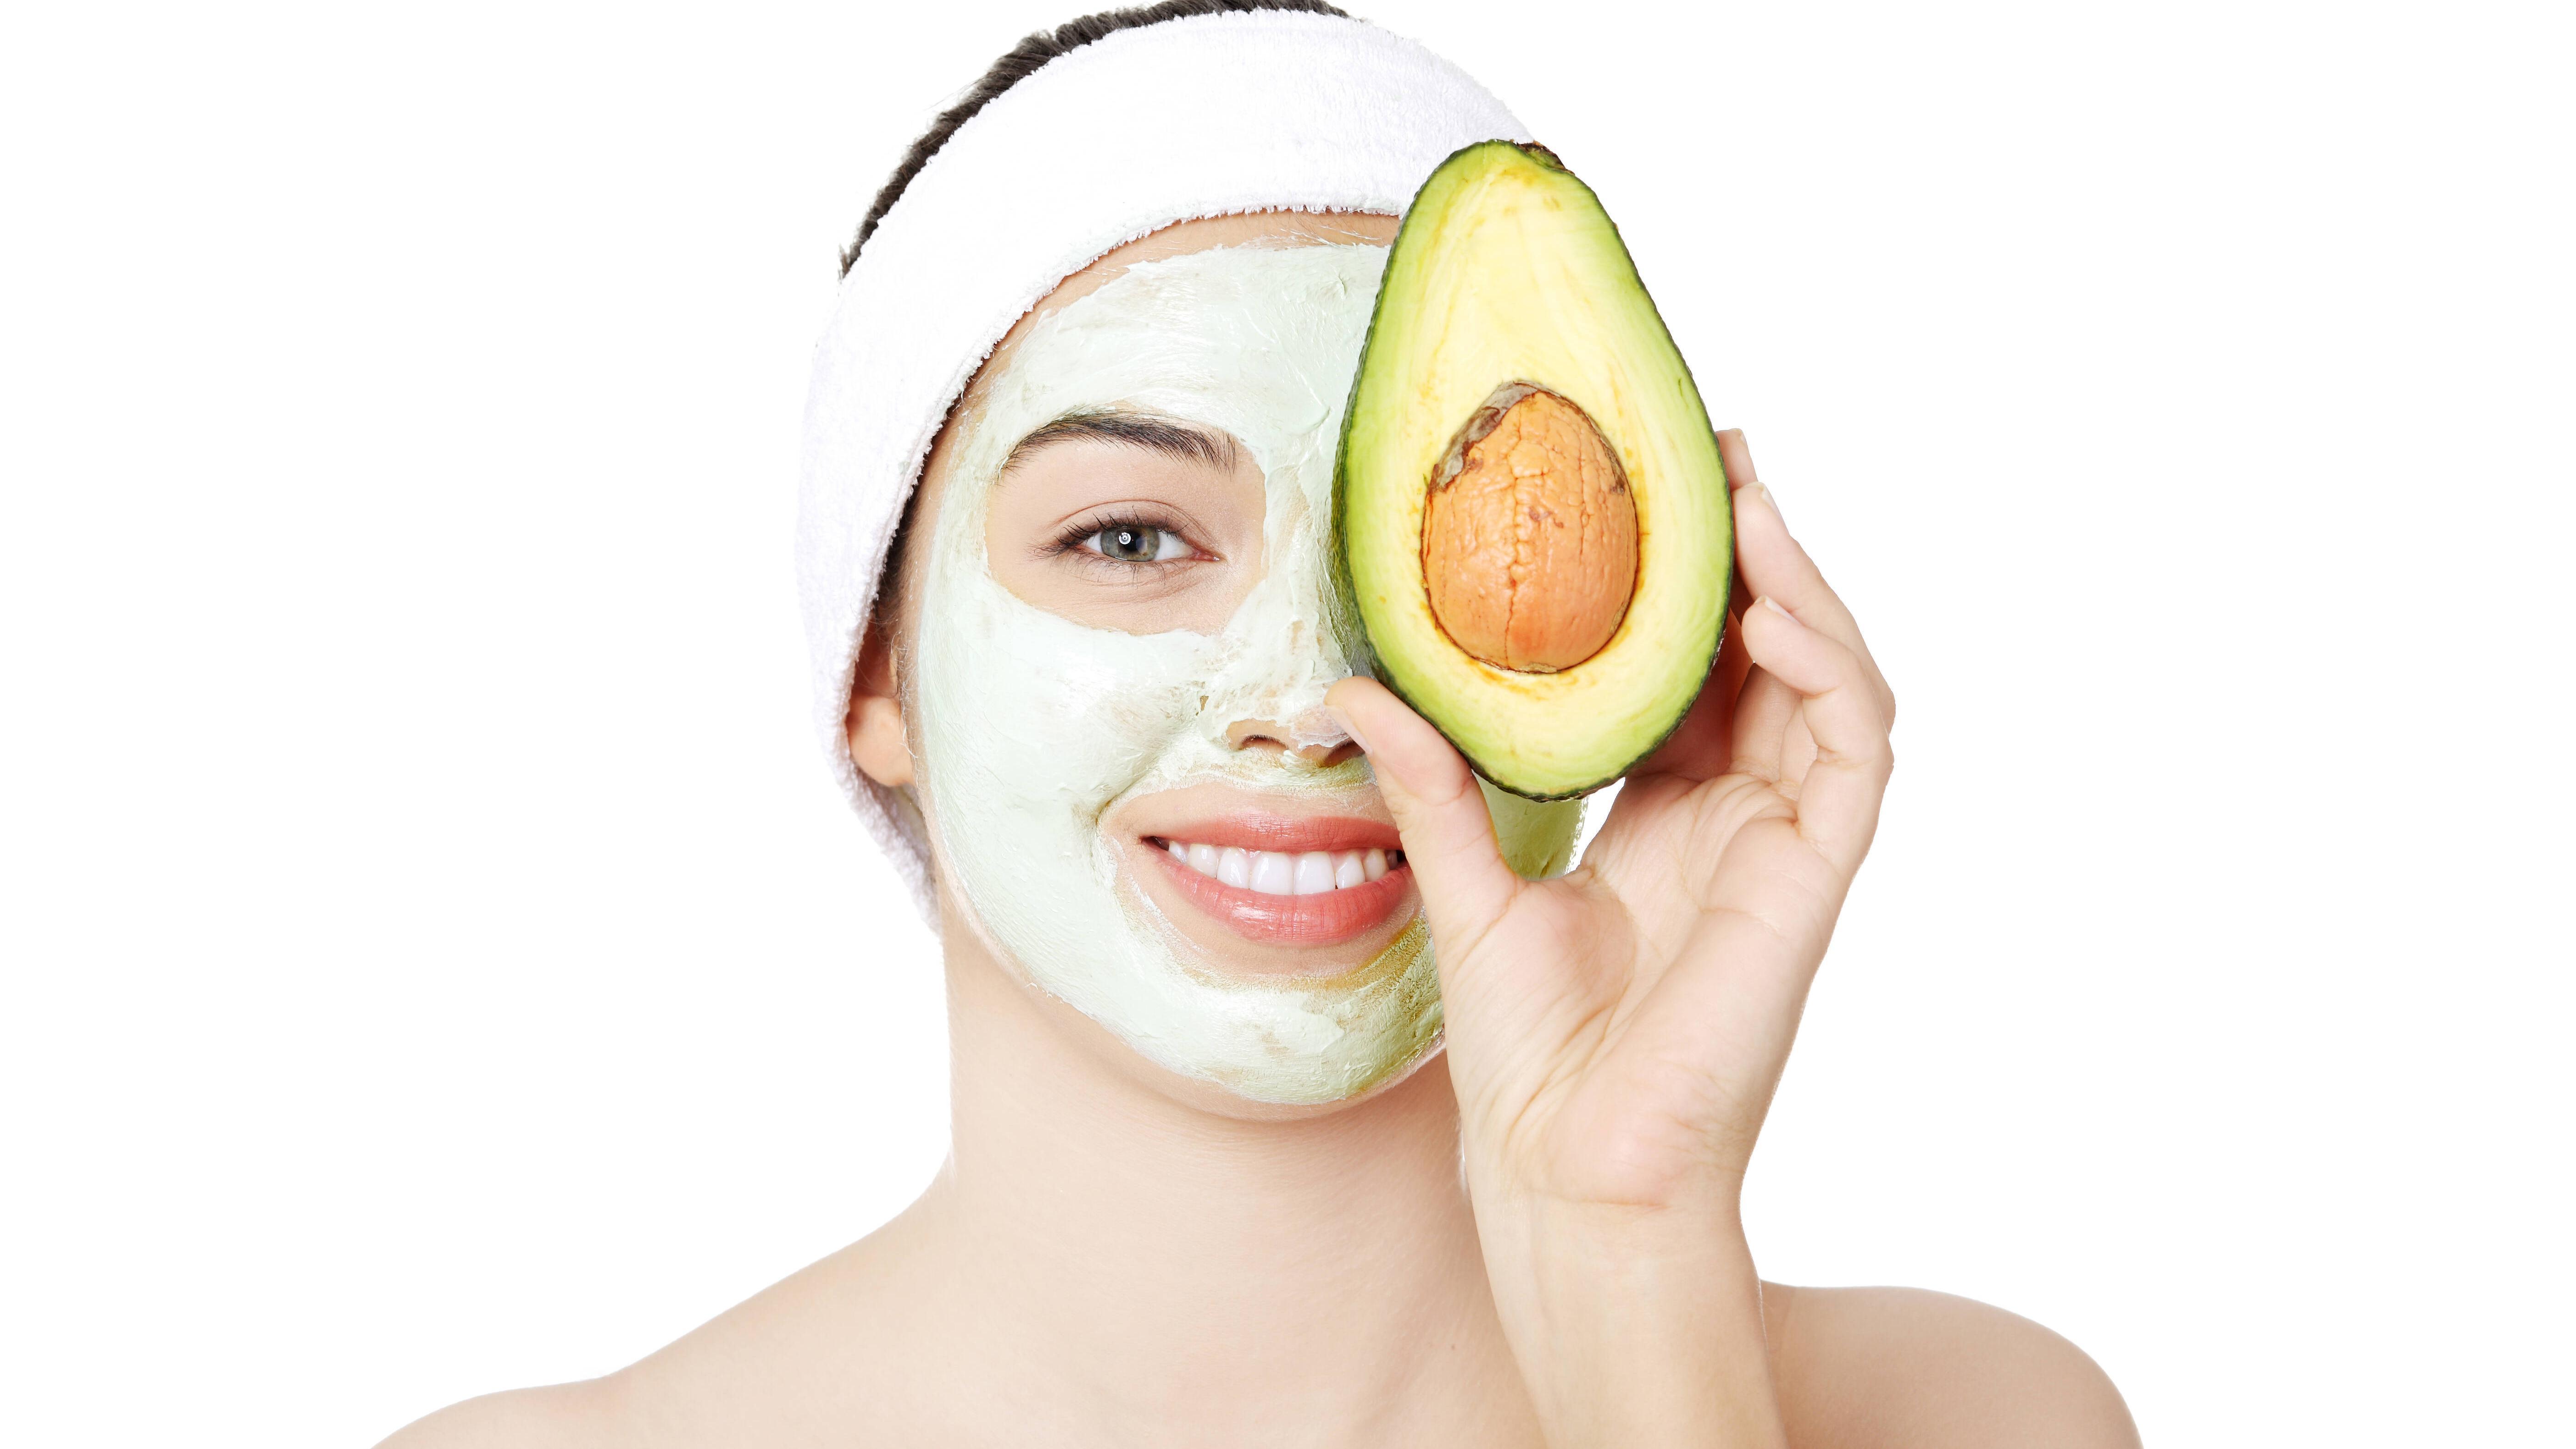 Avocado-Maske für Haut und Haar - eine Gesichtsmaske mit Avocado nährt und pfelgt Ihre Haut intensiv und kann bei allen Hauttpen angewendet werden.